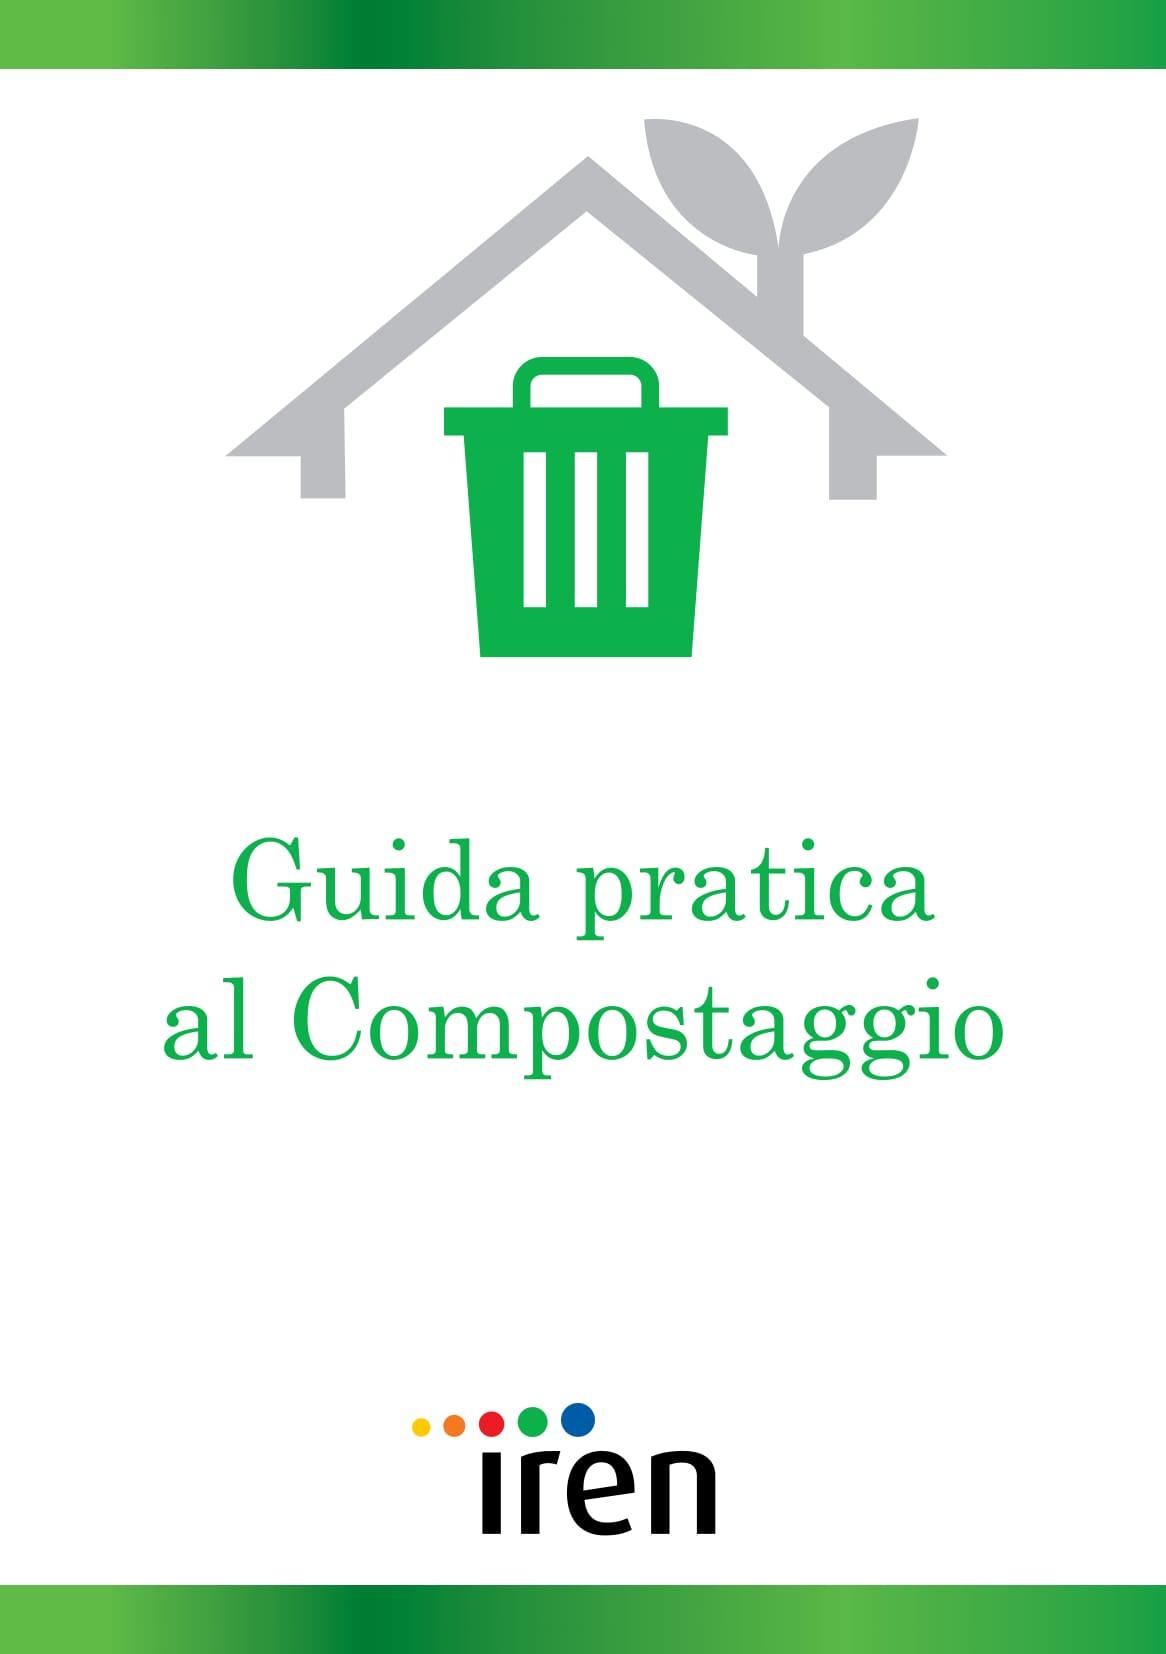 Guida-compostaggio-2017